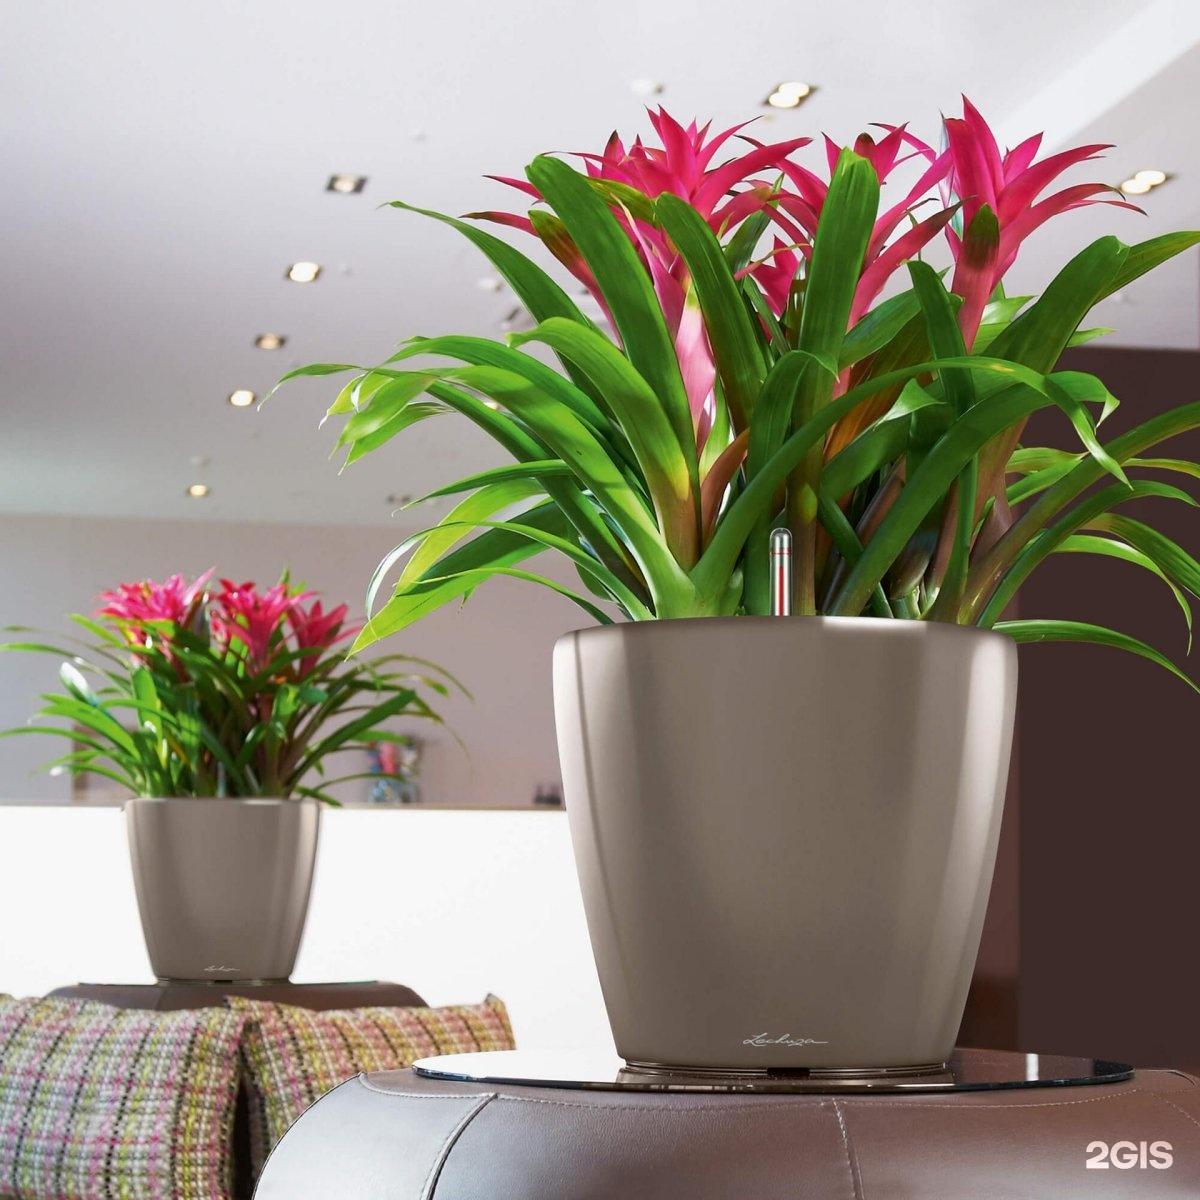 Фото и название домашних цветов в горшочках